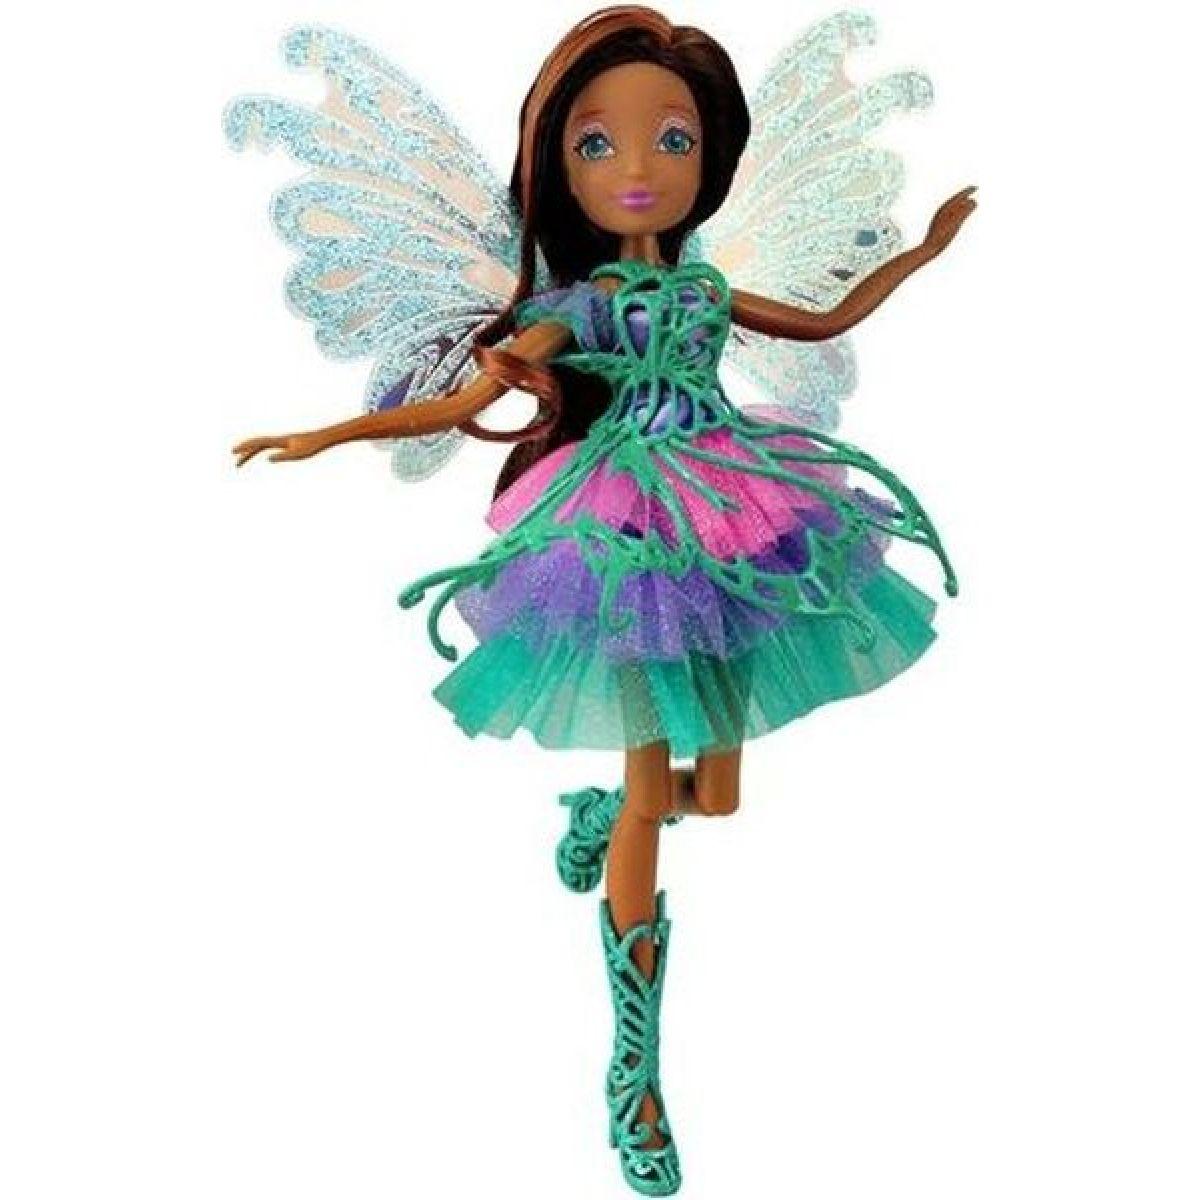 Winx Butterflix Fairy - Layla